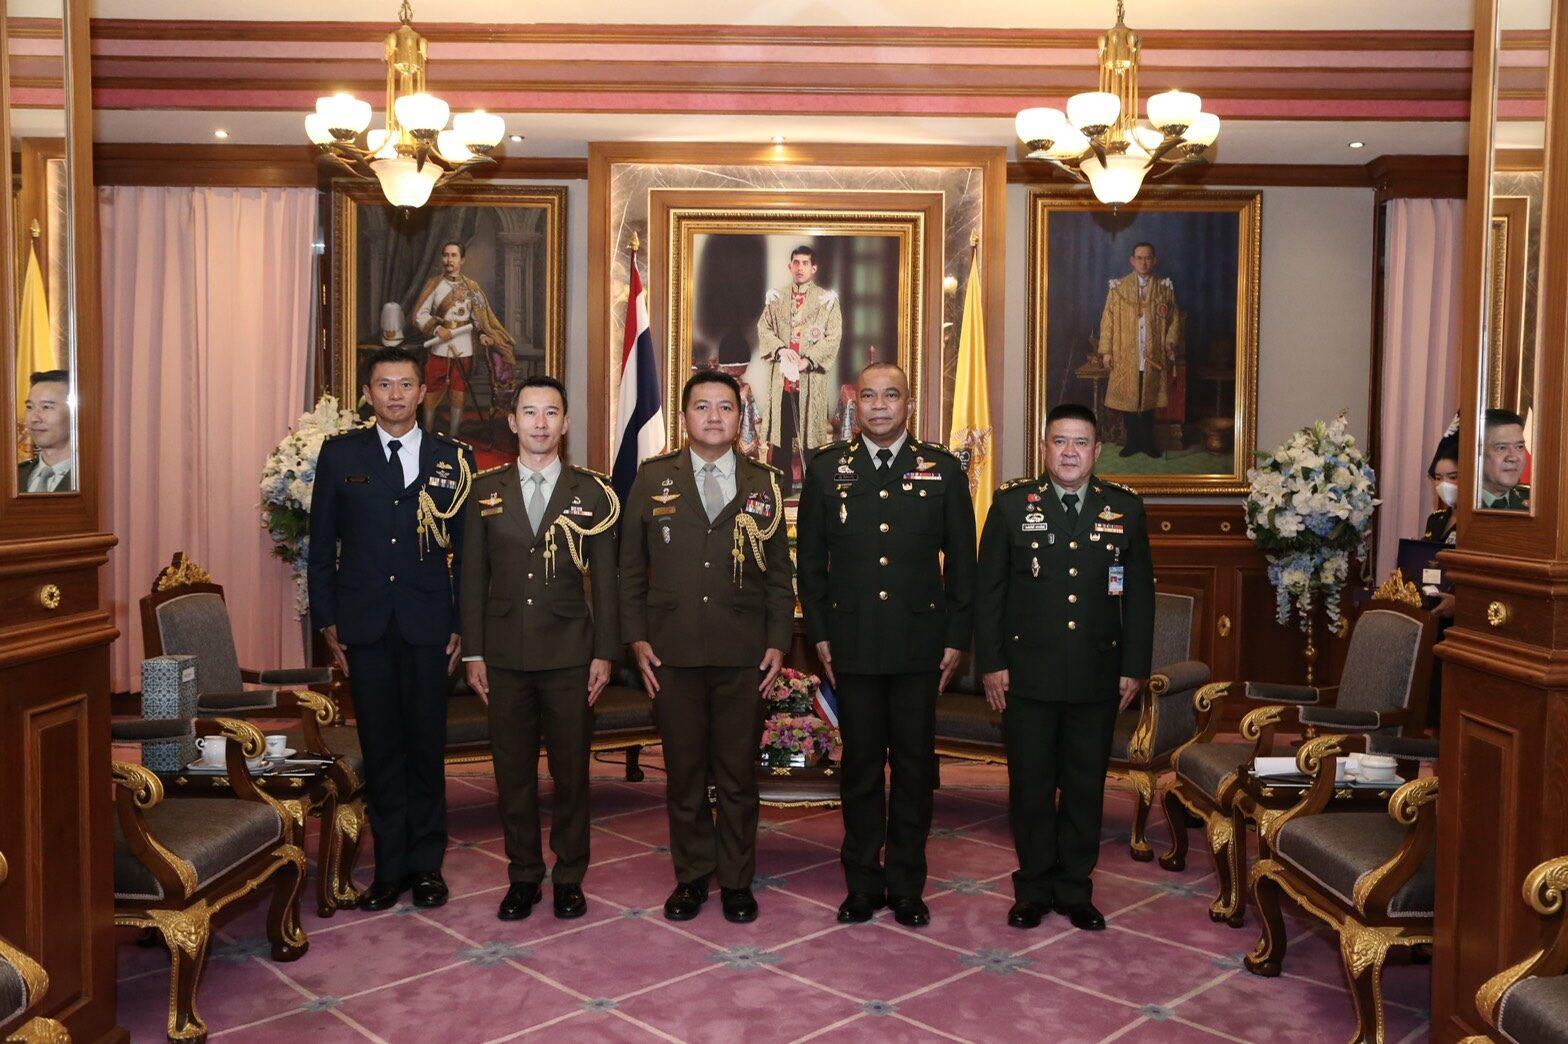 ปลัดกลาโหมต้อนรับ ผชท.ทหาร สาธารณรัฐสิงคโปร์/กรุงเทพฯ เยี่ยมคำนับโอกาสครบวาระการปฏิบัติหน้าที่